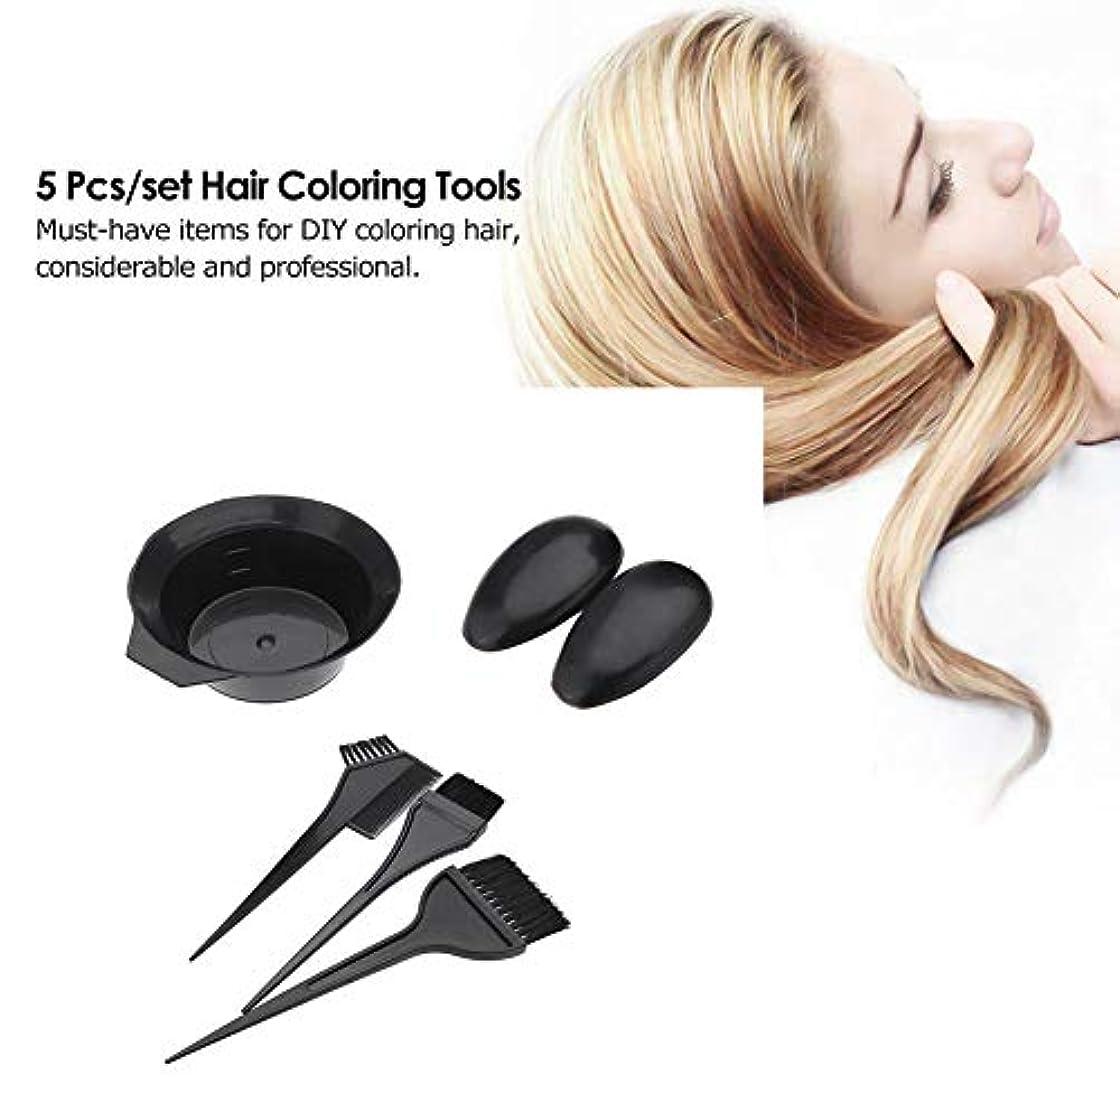 エイリアスあたり制裁ヘア染色セットキット5ピース - diyプロフェッショナルヘアダイカラーミキシングボウルブラシ&くし - 黒理髪美容ツールアプリケーター色合い